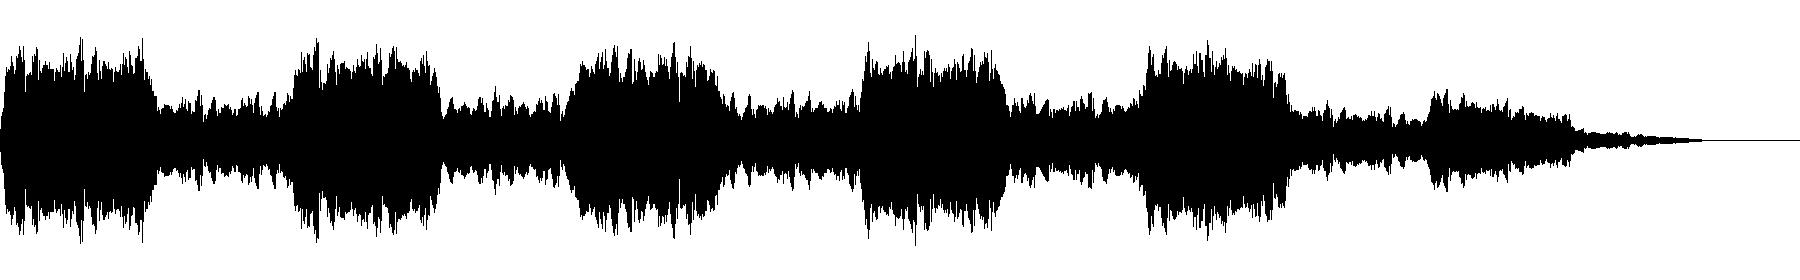 bluezone orbit sound 050